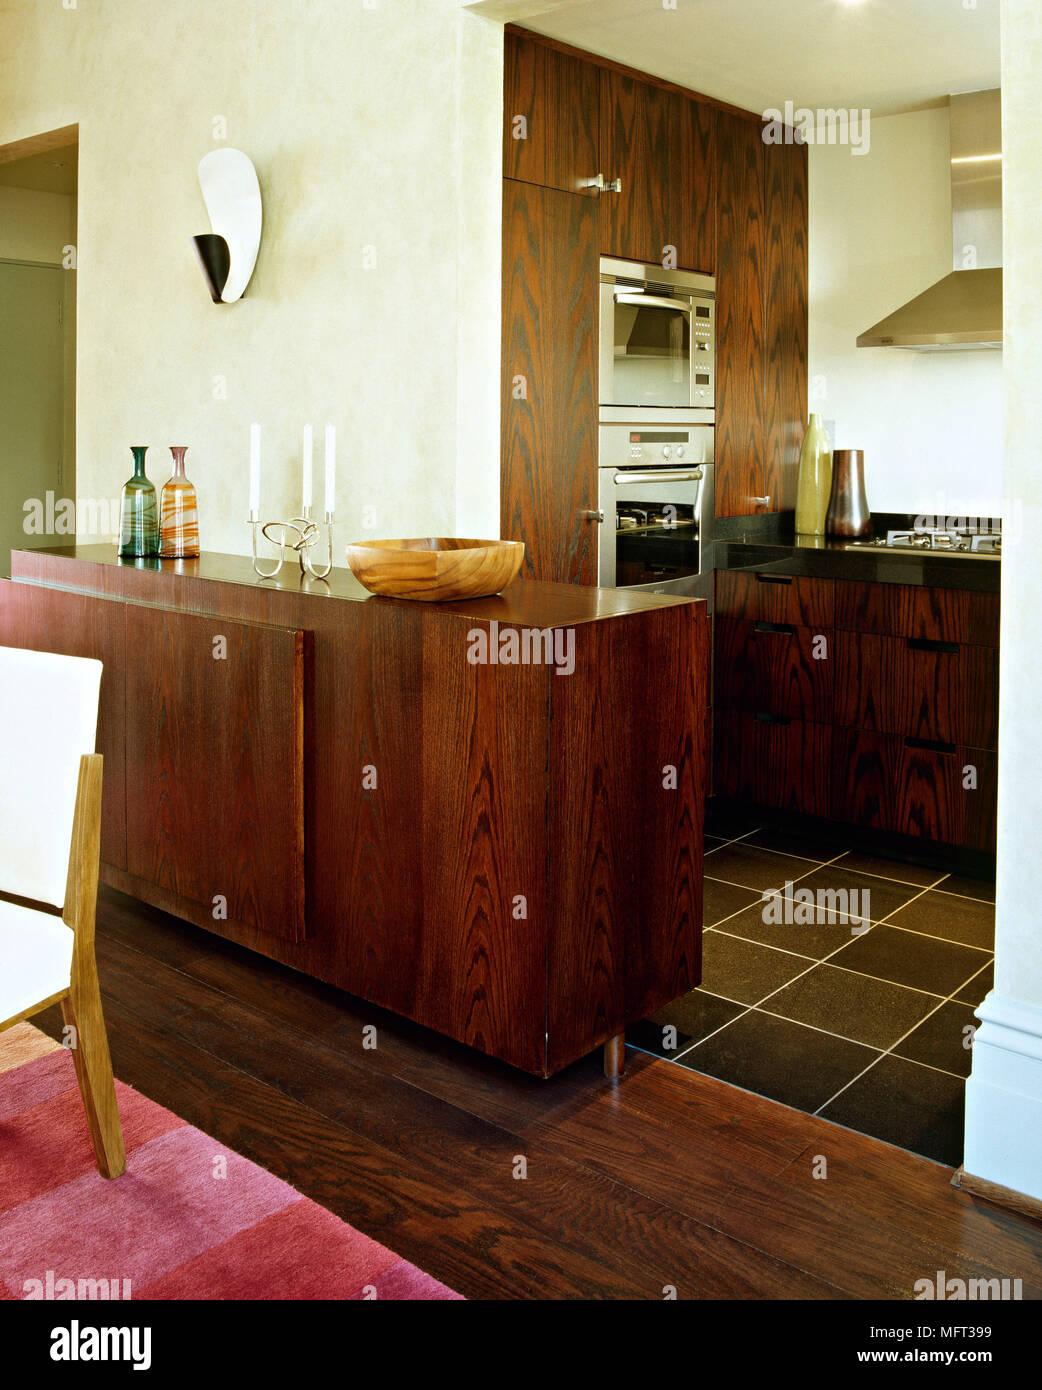 Moderne Offene Kuche Detail Holz Einheiten Sideboard Integral